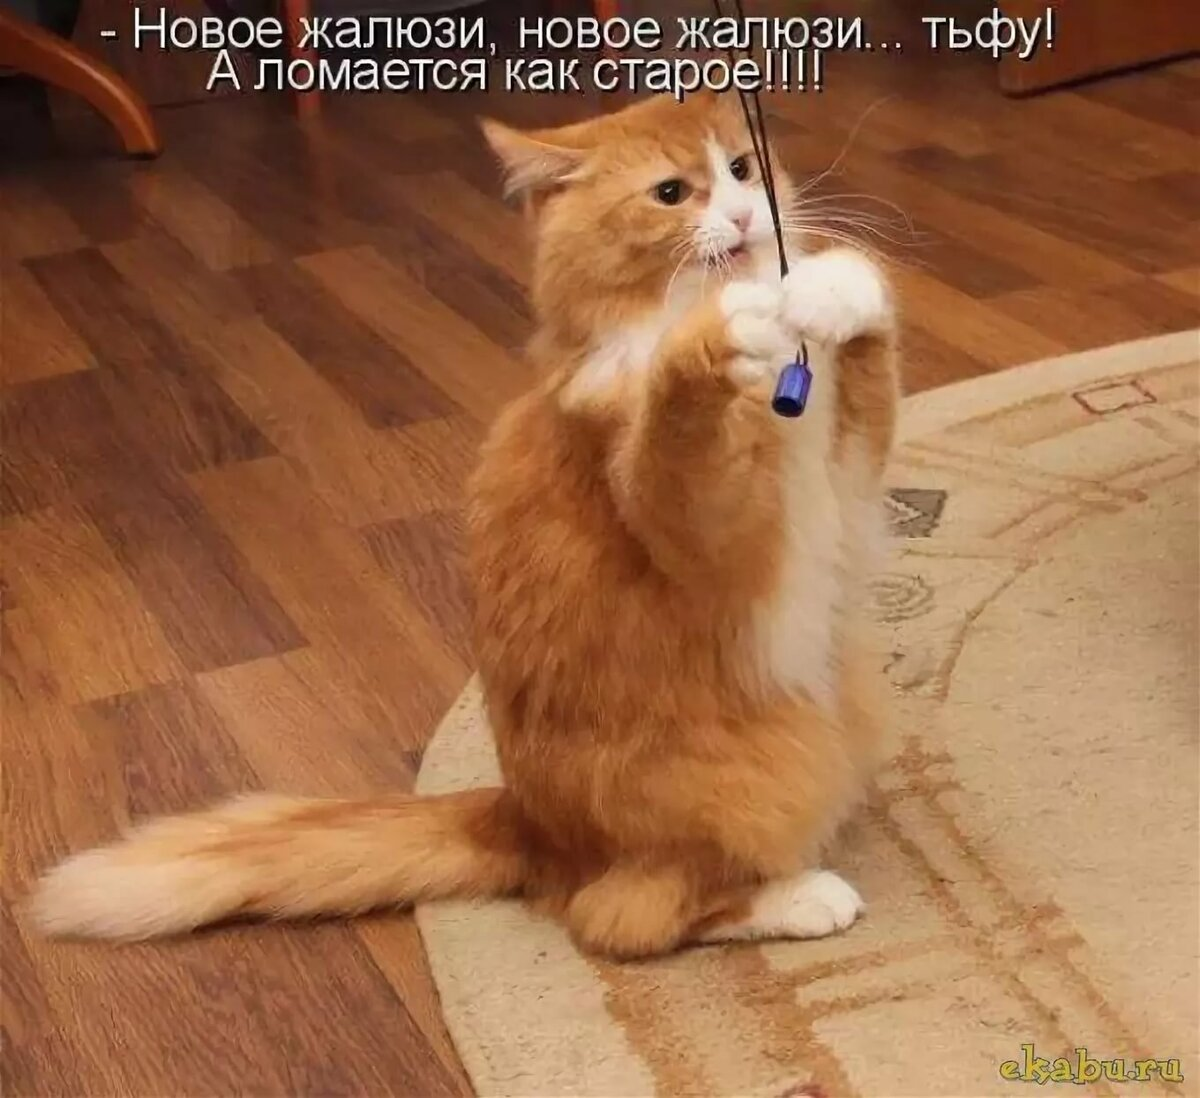 Смешные про, прикольные картинки с кошками надписями